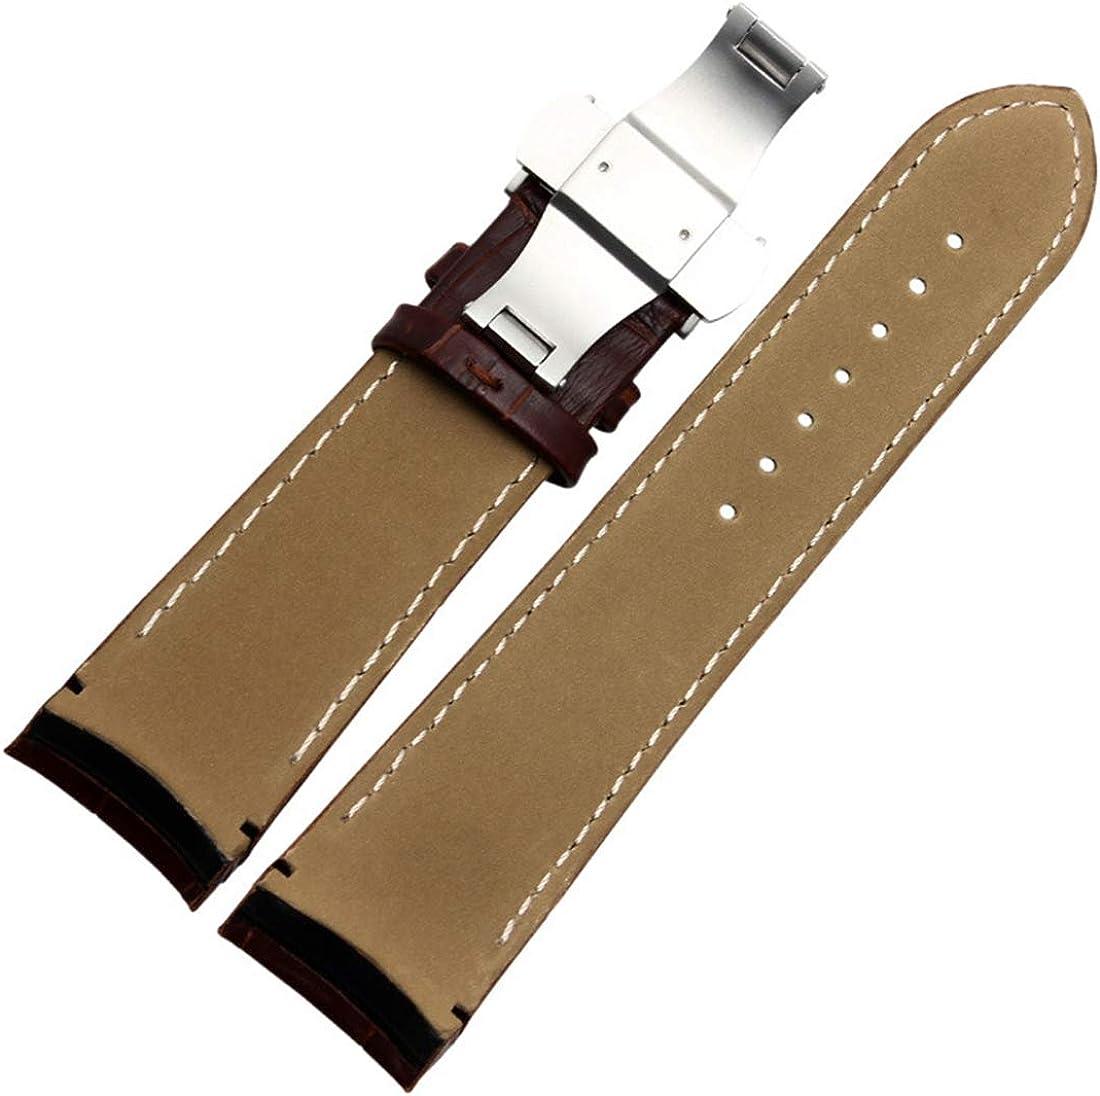 22mm/23mm/24mm courbé Fin Bracelet en Cuir Boucle Bracelet en Acier Pliable Fermoir Papillon Boucle Bracelet No Buckle Brown